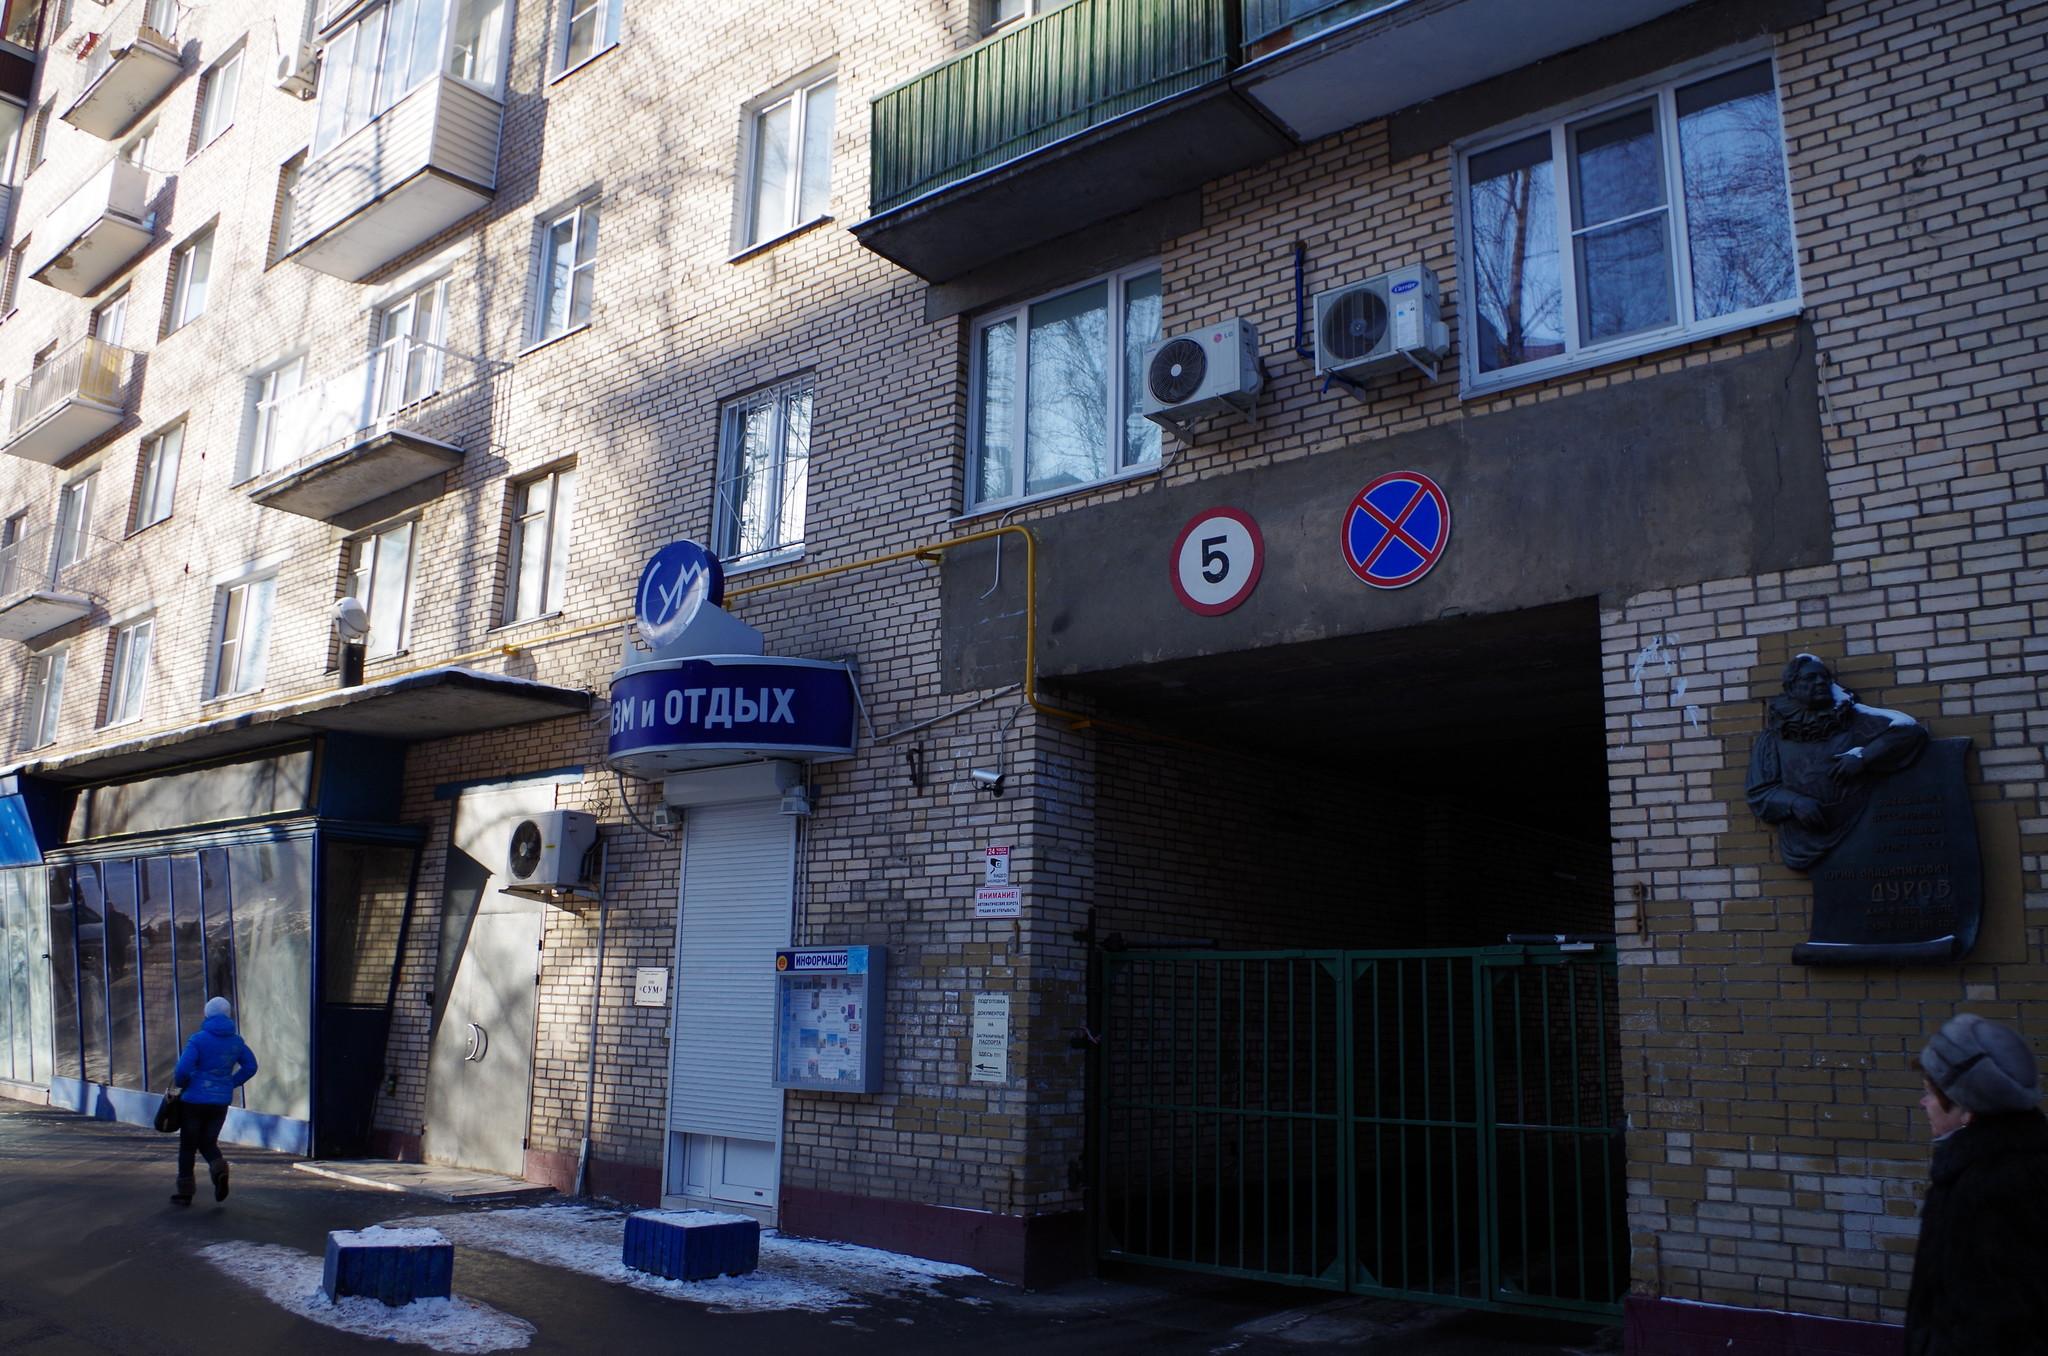 Дом в котором Юрий Владимирович Дуров жил с 1964 года по 1971 год (улица Черняховского, дом 5, корпус 2)